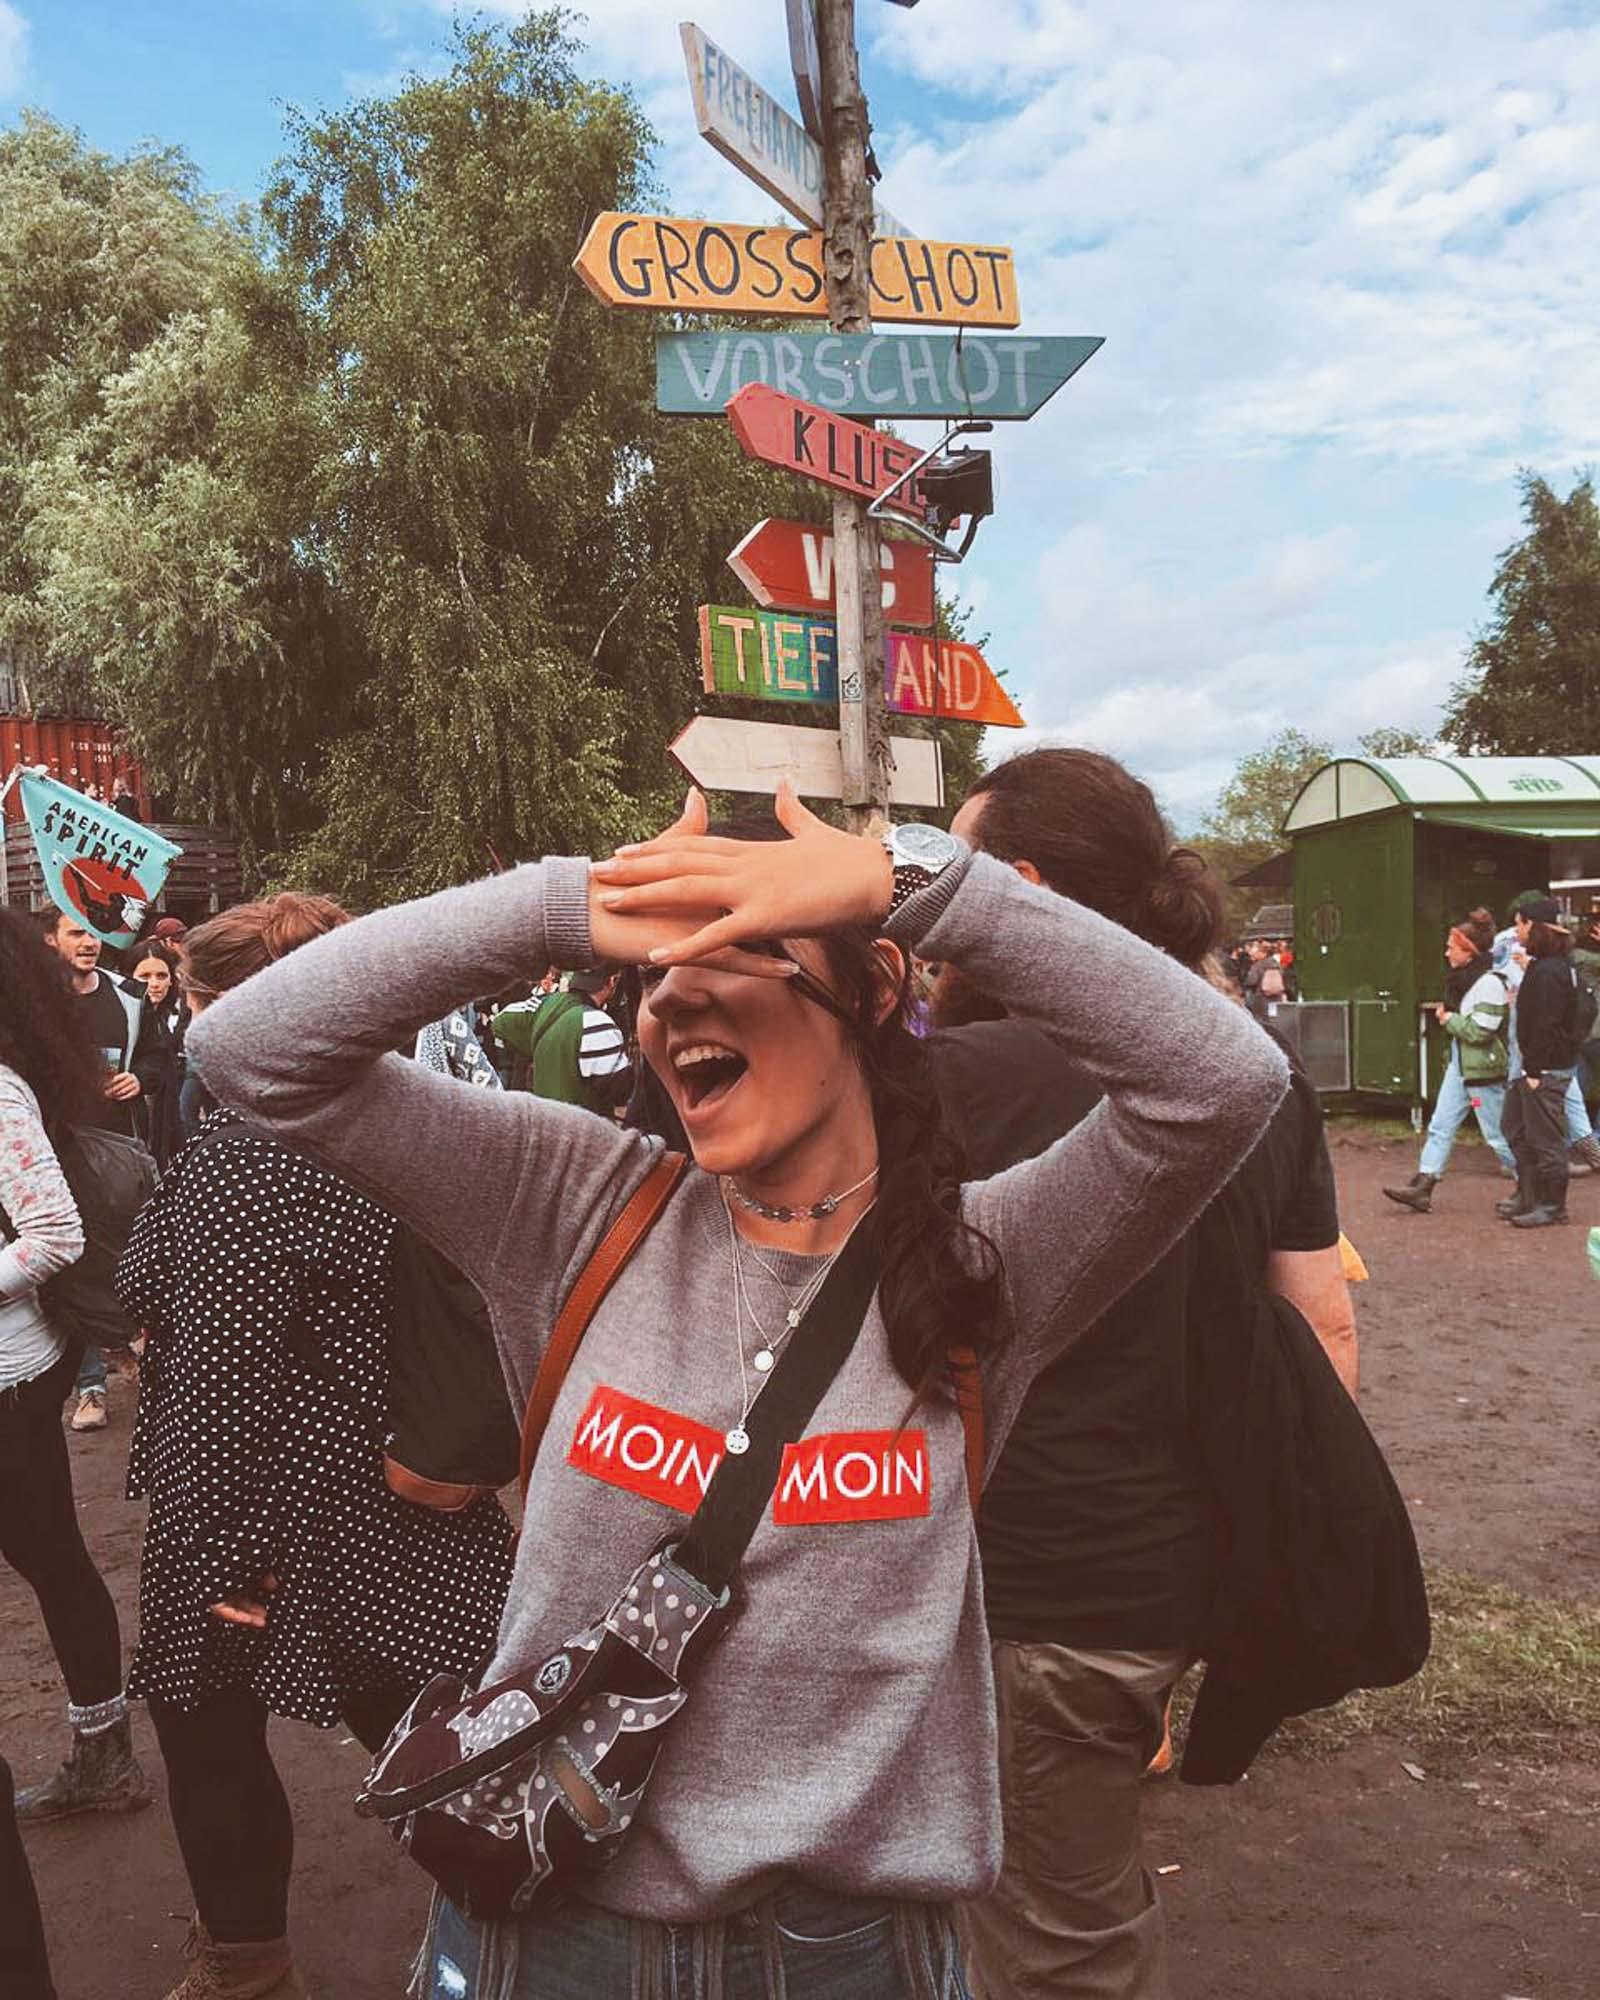 MOIN vom MS Dockville Festival in Hamburg